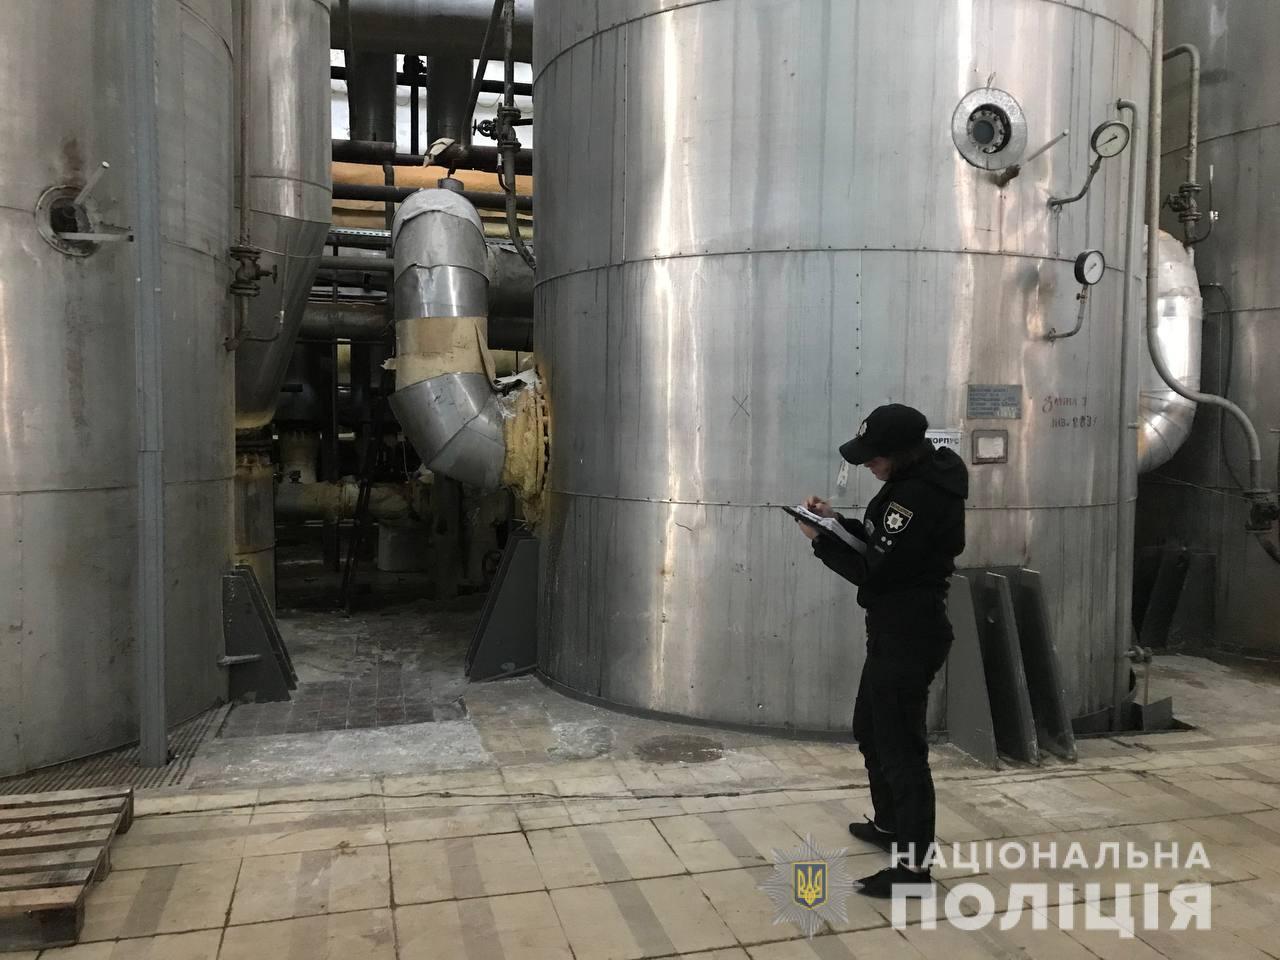 В Киевской области произошел взрыв на заводе: пять человек увезли в больницу